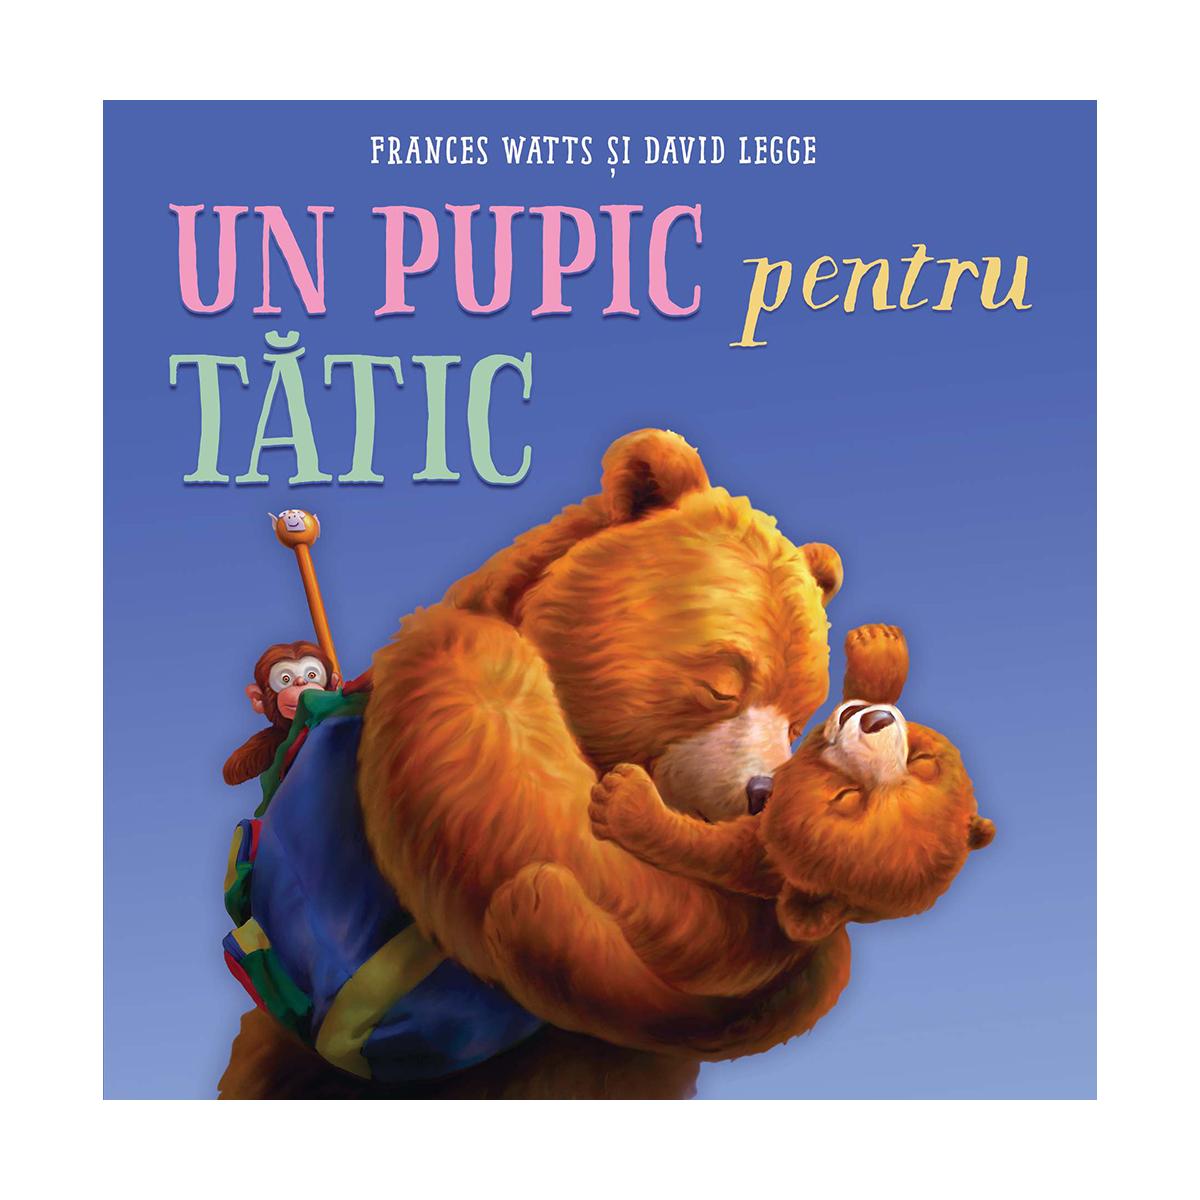 Carte Editura Arthur, Un pupic pentru tatic